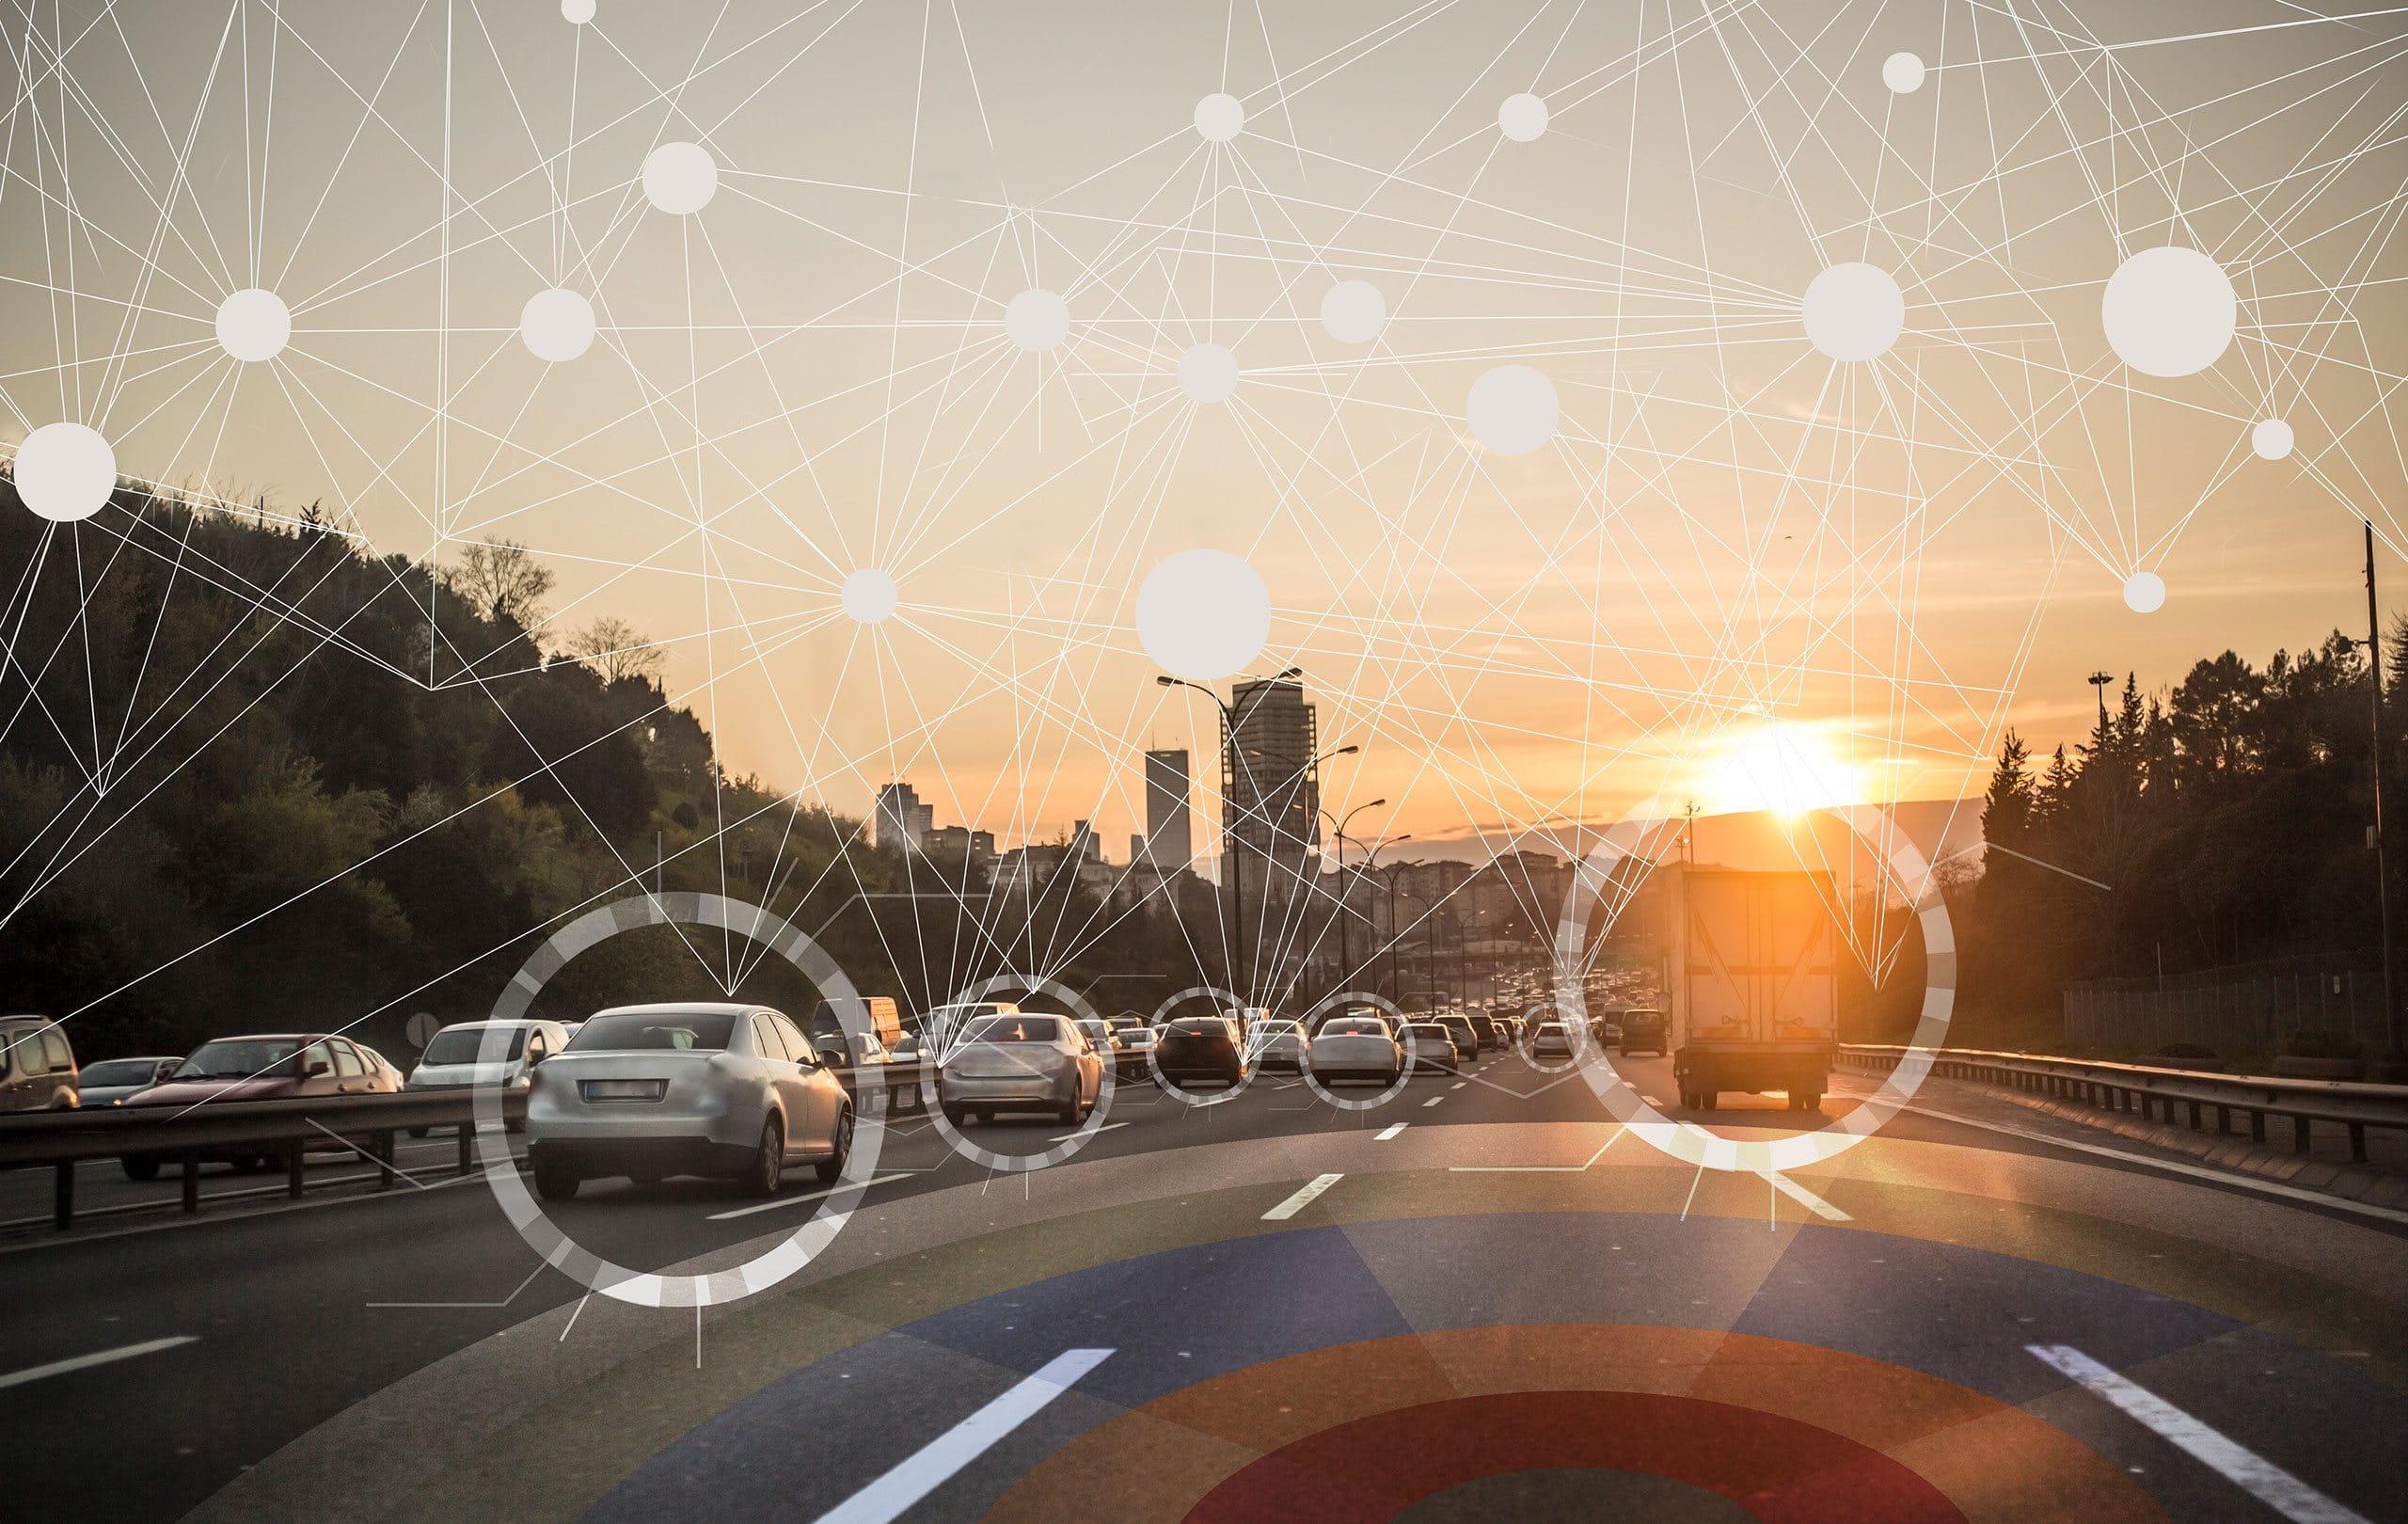 Voiture digitale marquée sur une route